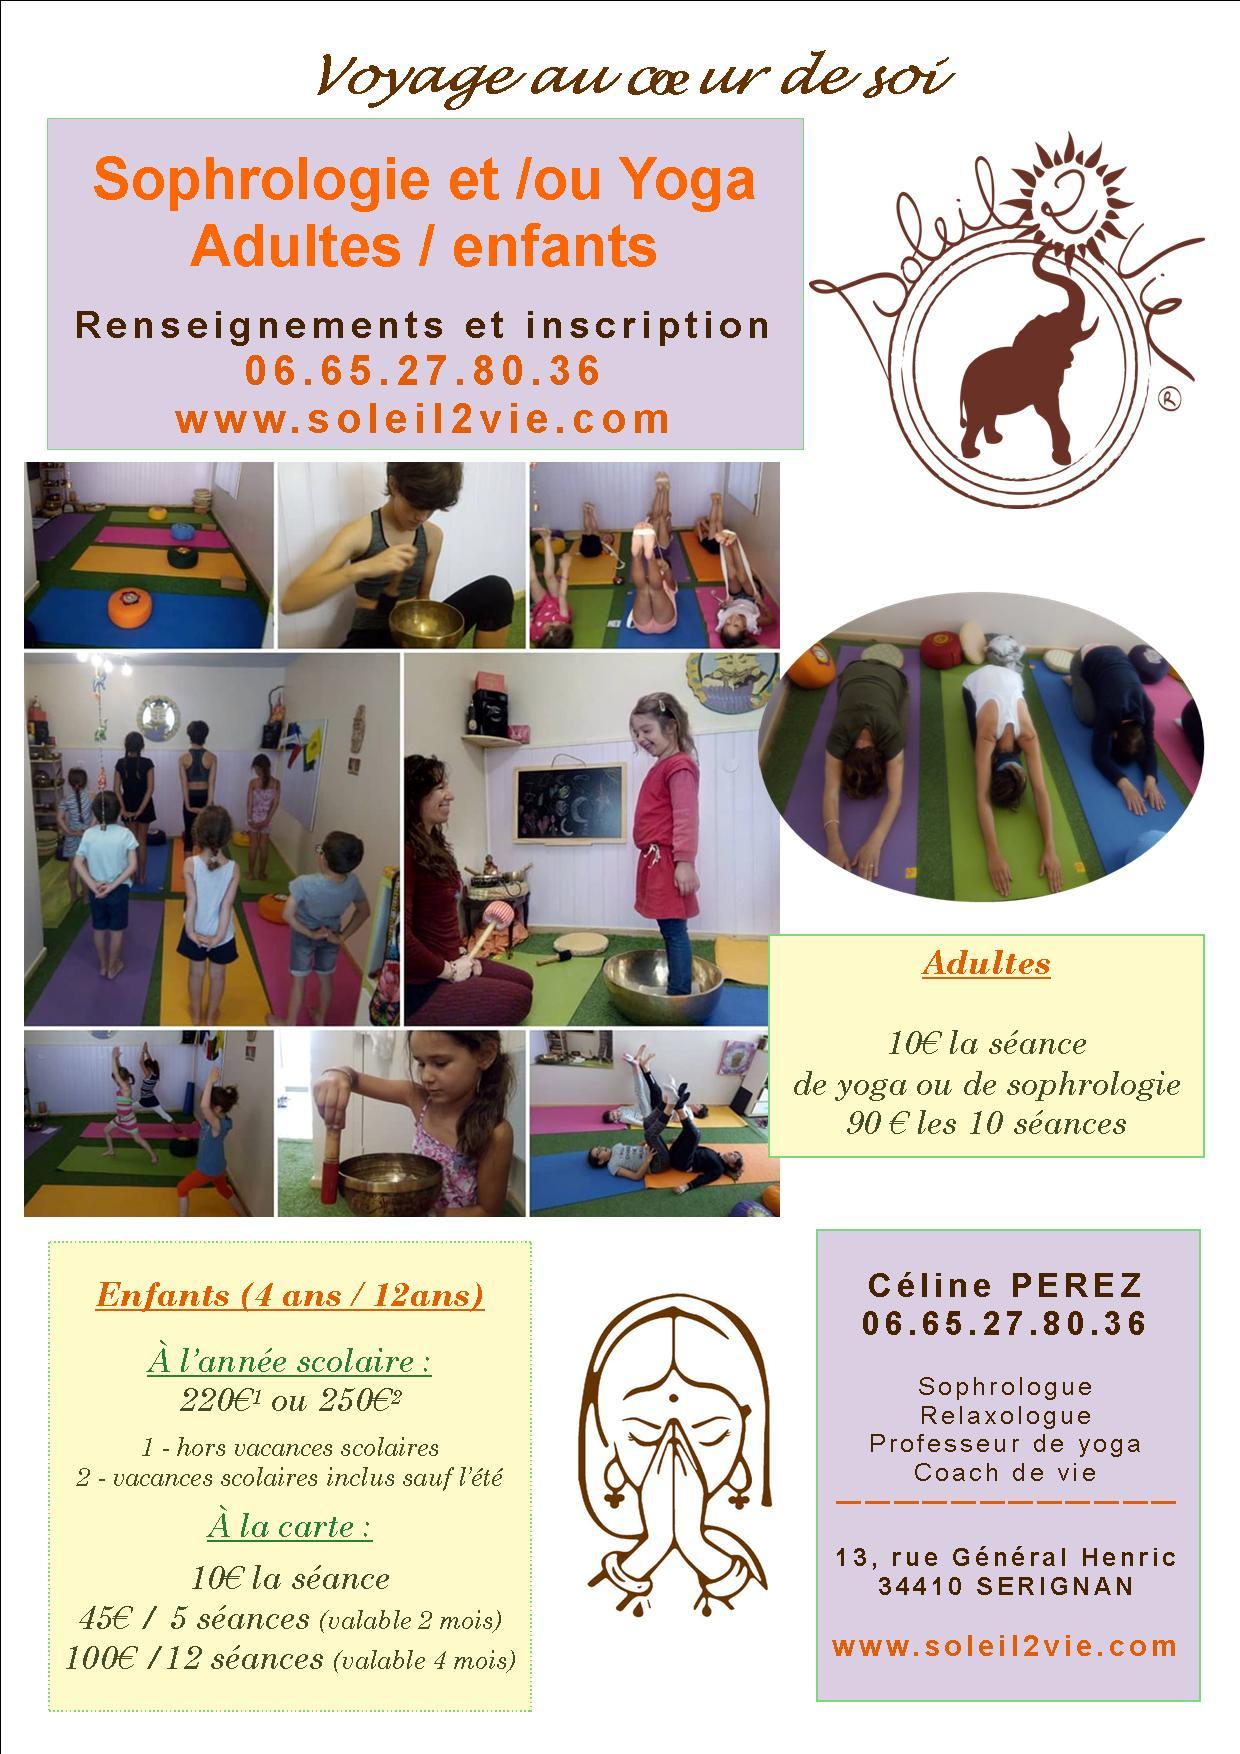 Sopho yoga 1